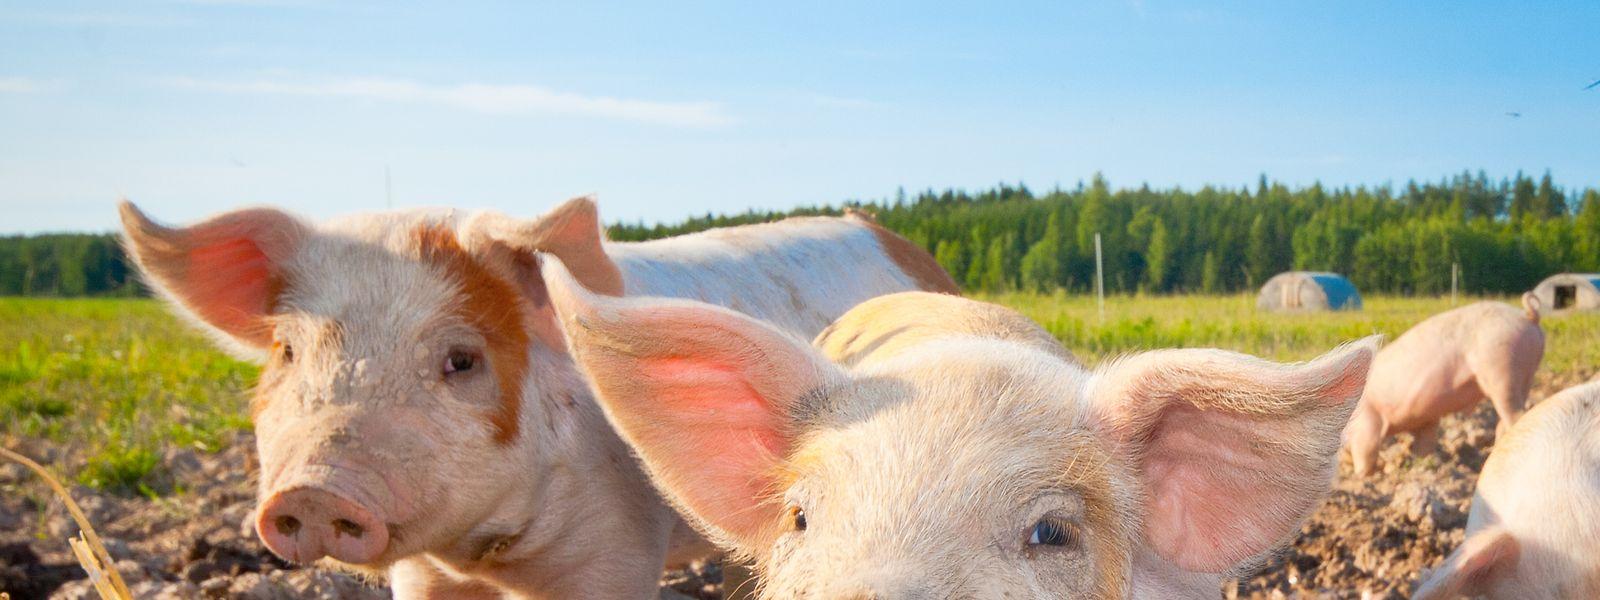 Zurzeit stehen vor allem die Schweinebauern unter Druck. Wegen der Folgen der Corona-Pandemie und der Afrikanischen Schweinepest ist der Preis auf 1,18 Euro pro Kilo gefallen.